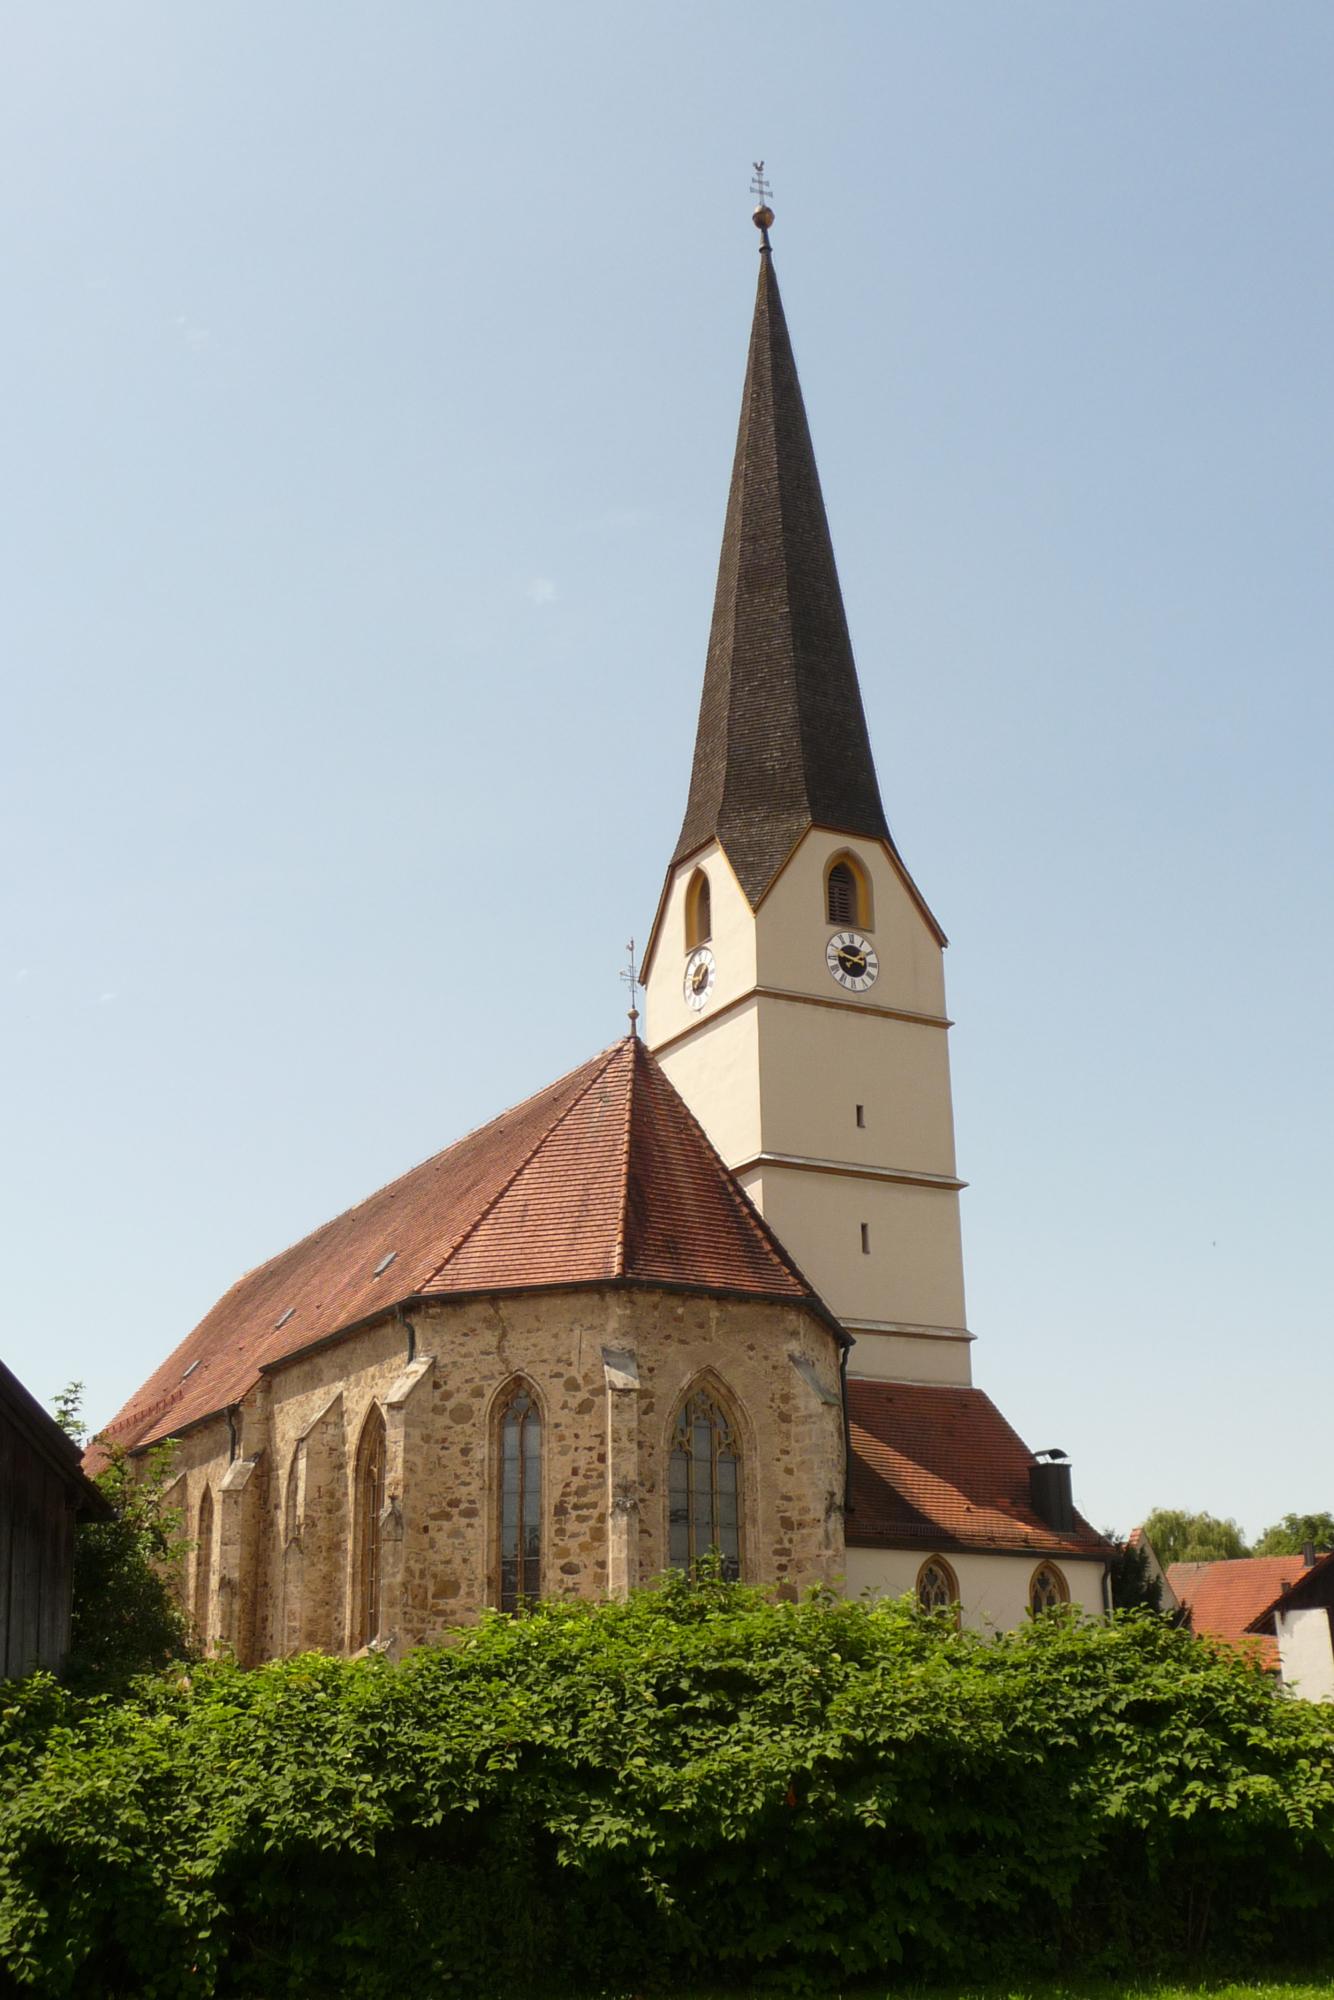 Pfarrkirche Mittich